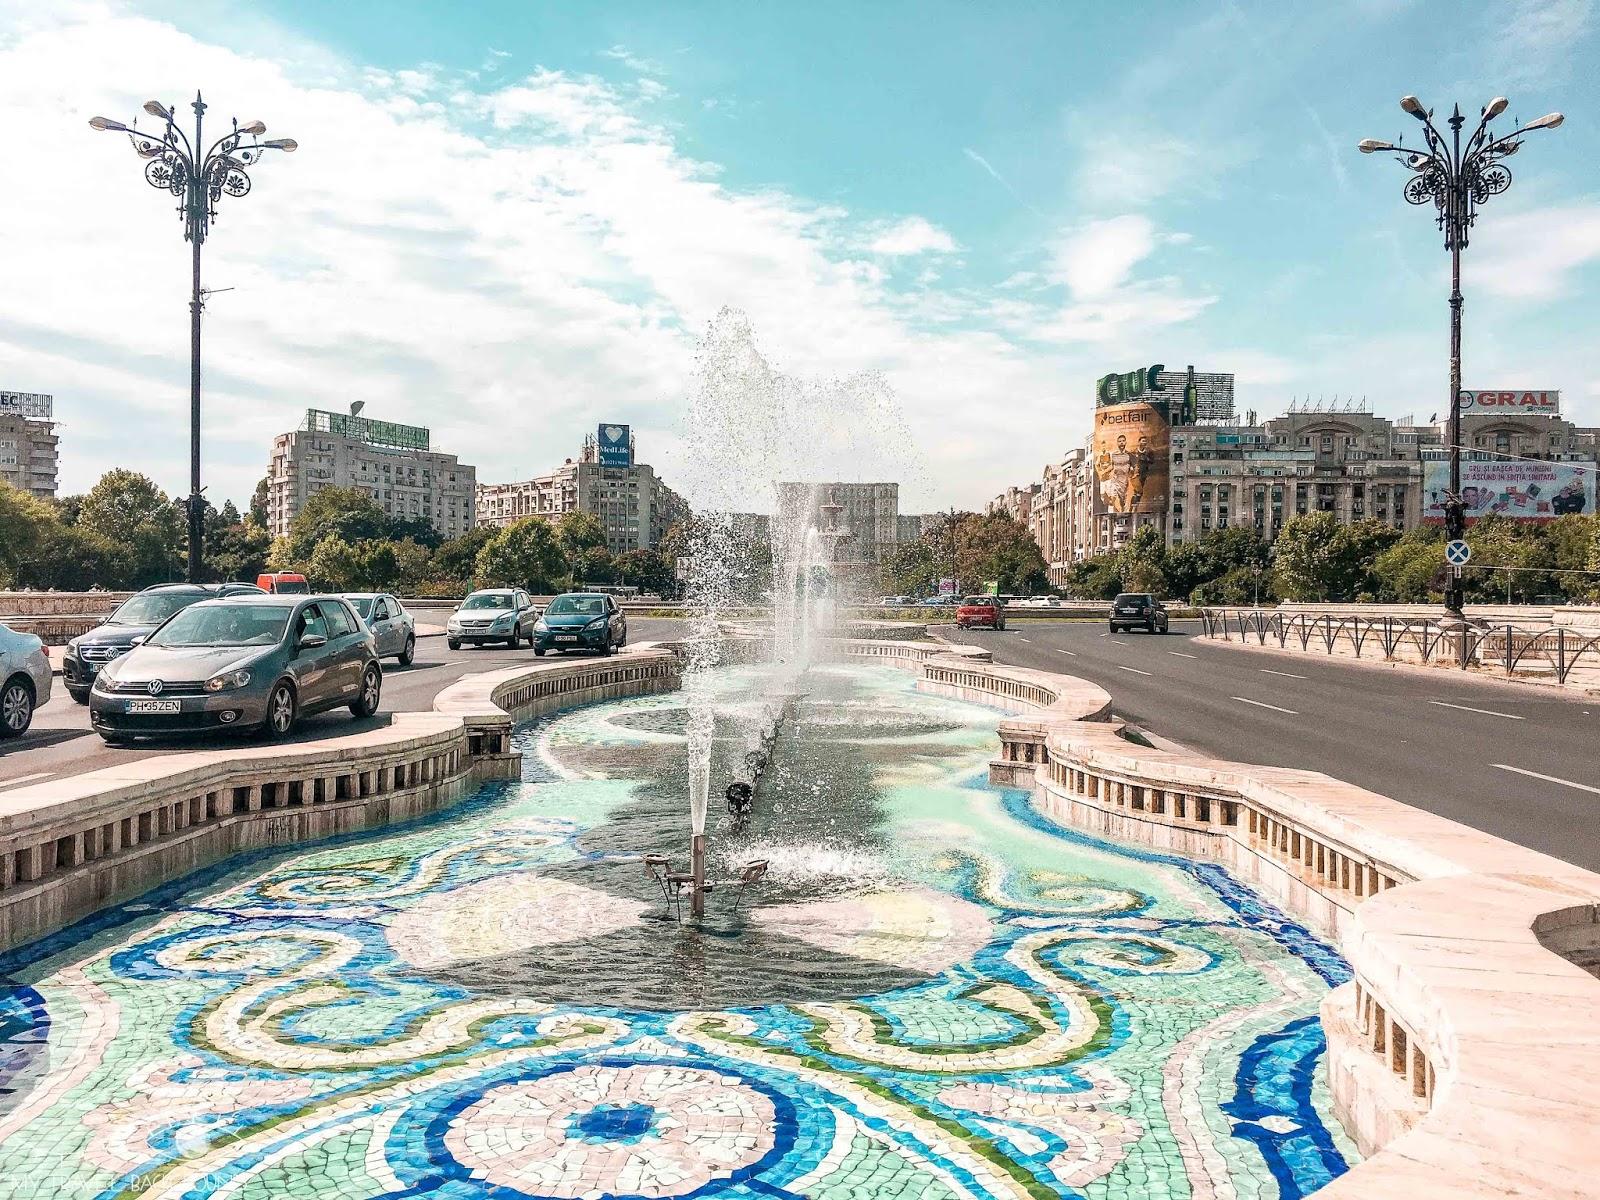 My Travel Background : 3 jours à Bucarest en Roumanie - Place Unirii